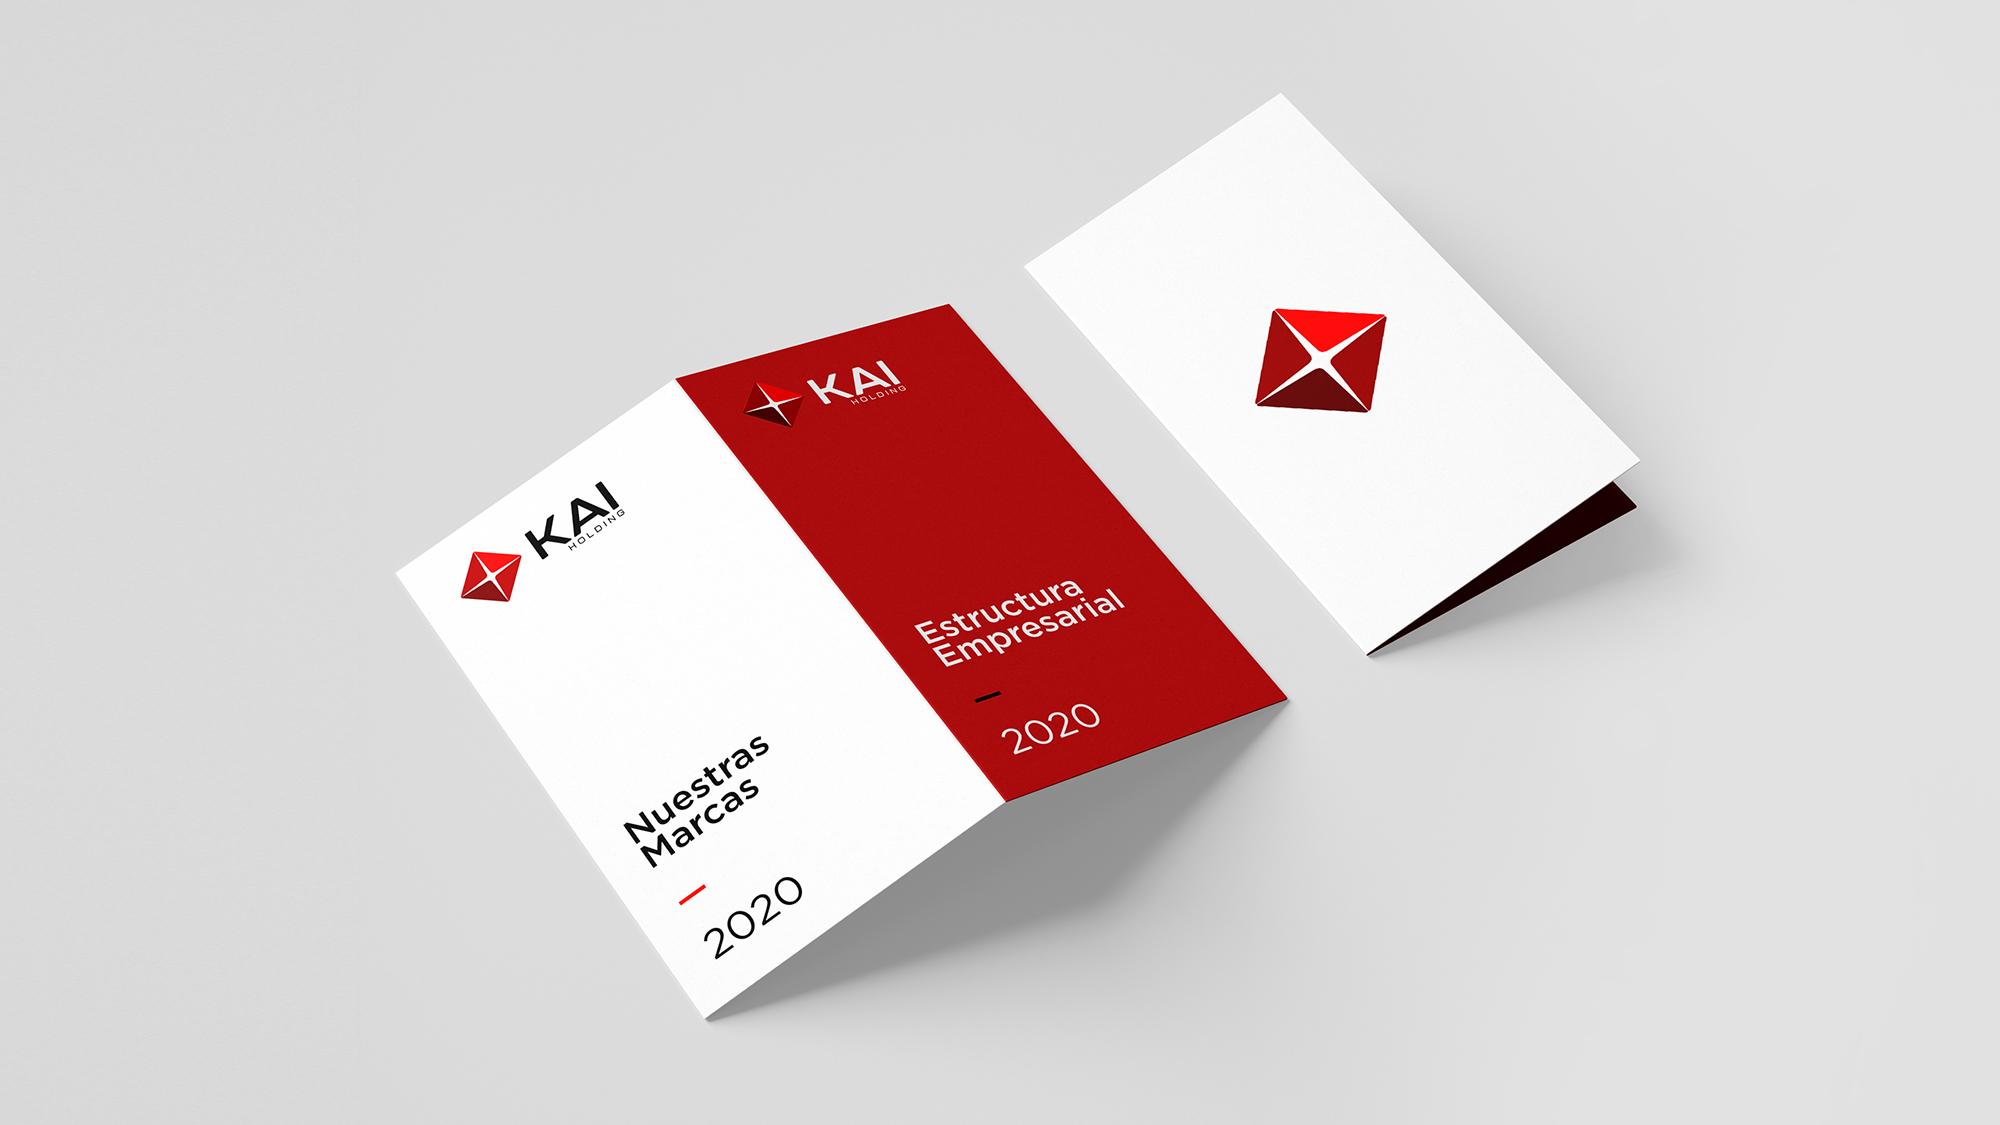 Kai-6